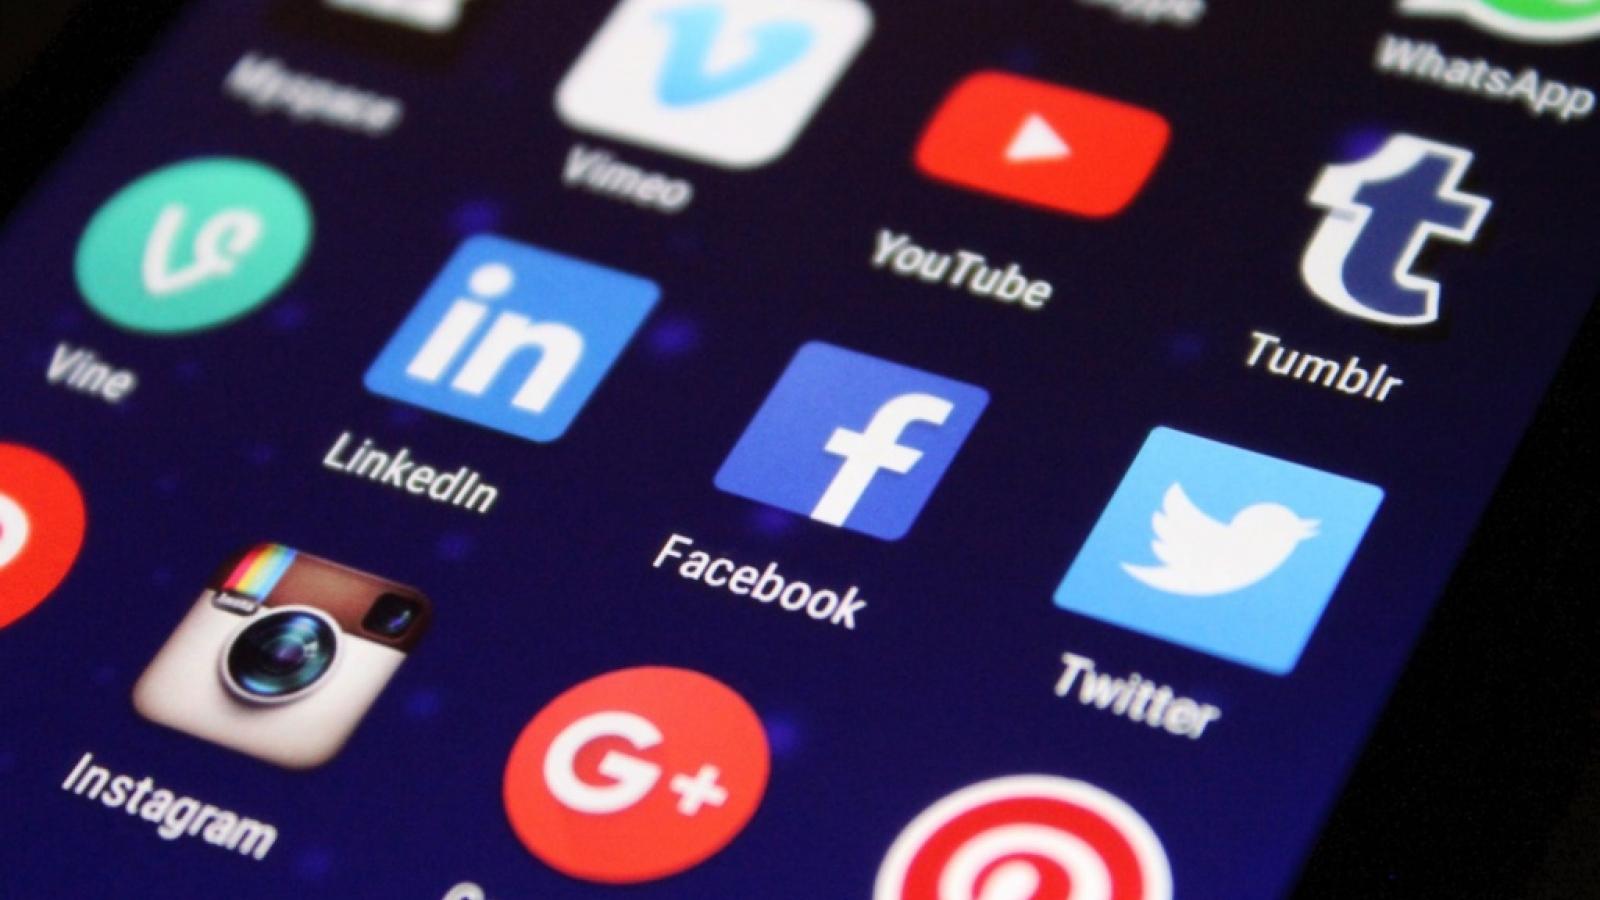 Nhật Bản tăng cường răn đe hành vi bắt nạt trên mạng xã hội